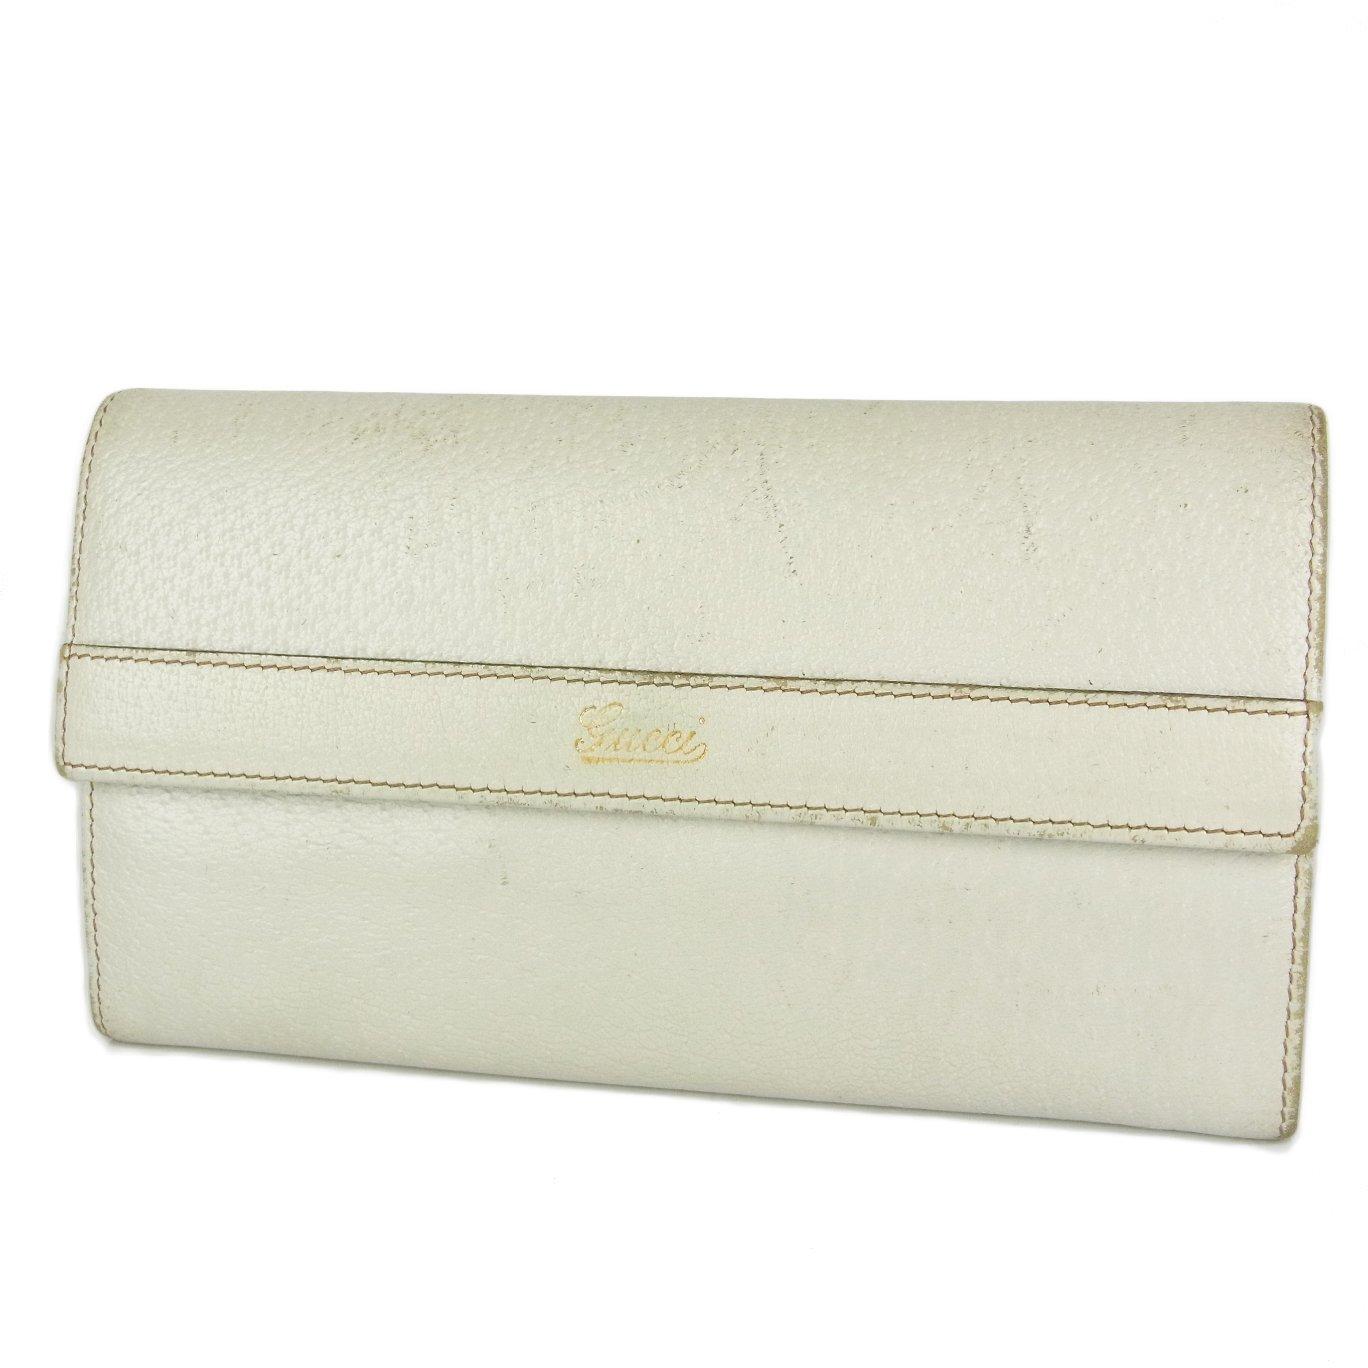 b3d723b102b8 Amazon | (グッチ) GUCCI GG ピッグスキン レザー×キャンバス 二つ折り 長財布 ホワイト 19339iSaM 中古 | 財布